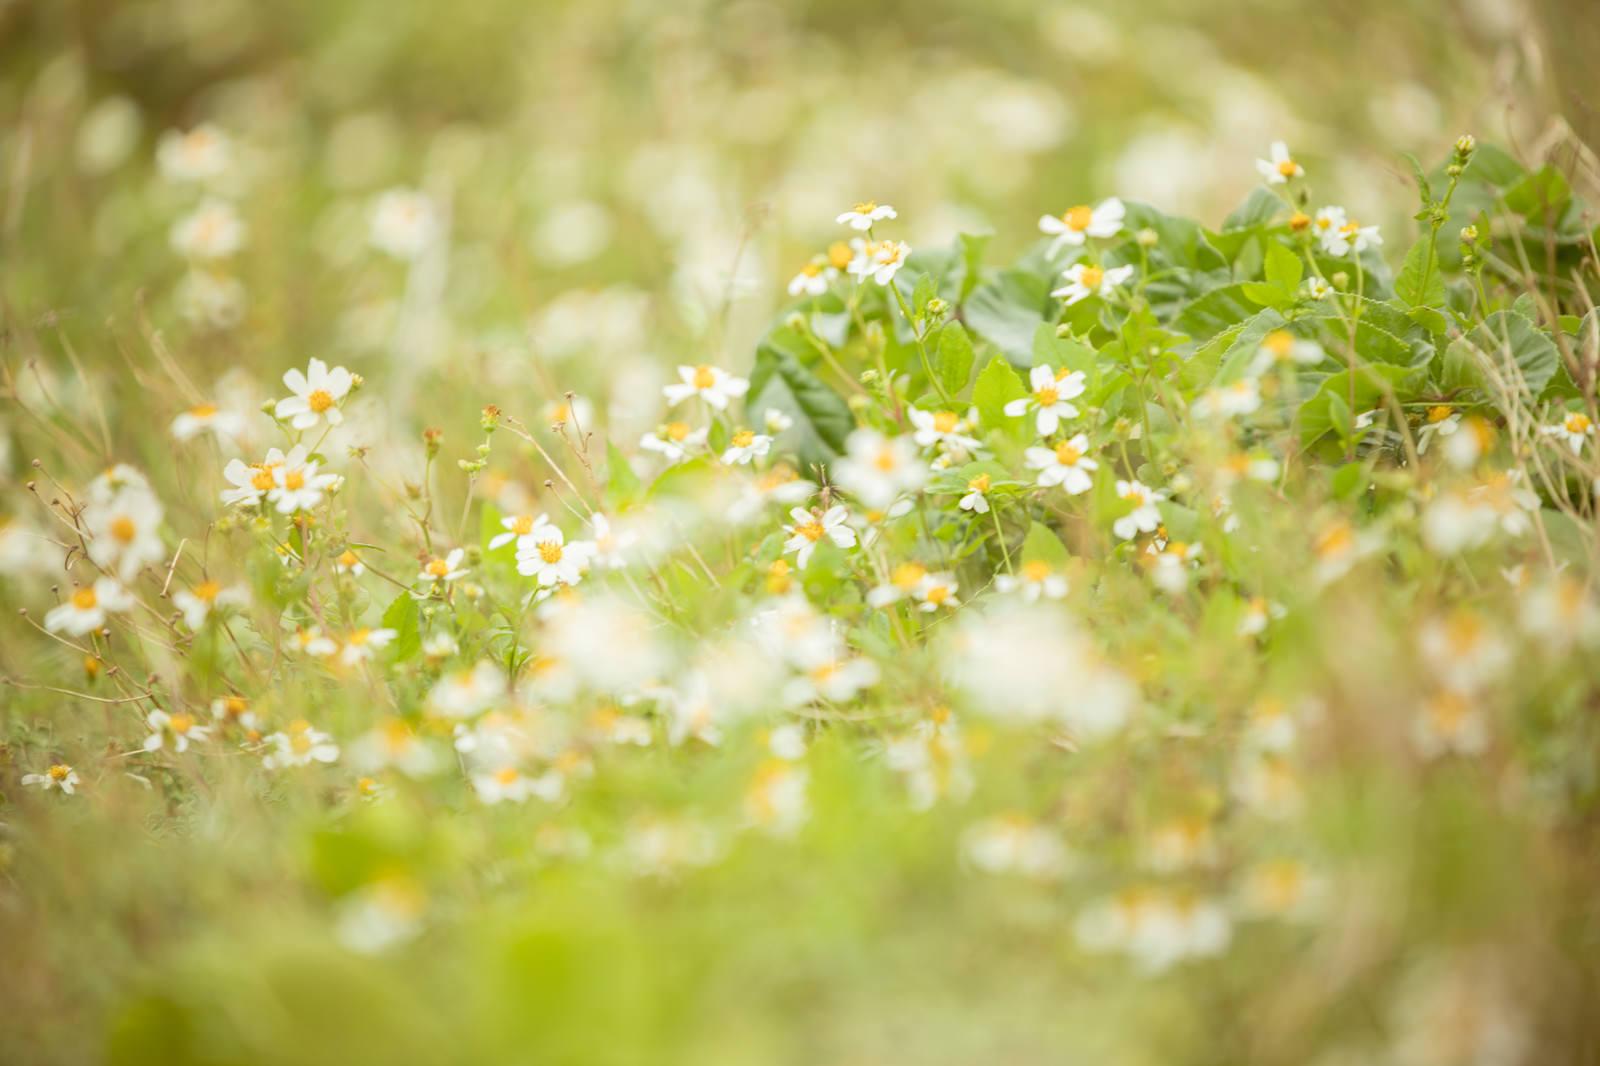 高画質!!愛らしい野の花